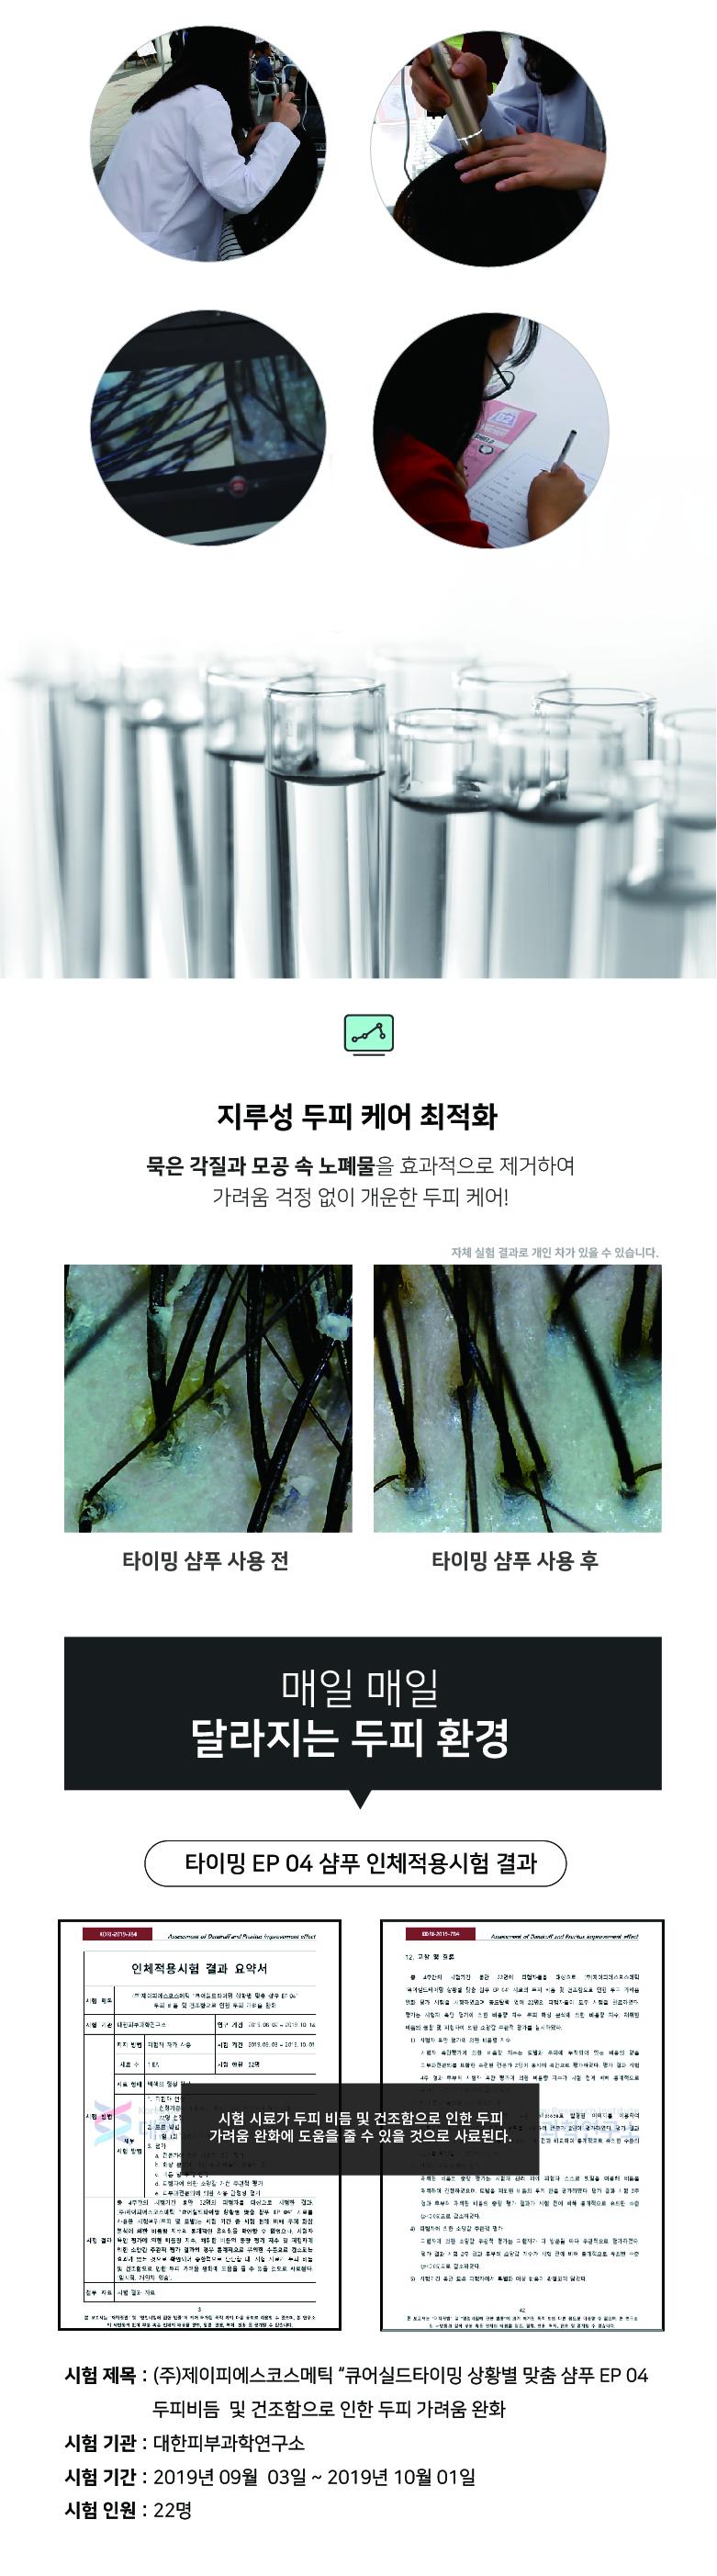 타이밍 비듬 케어 샴푸 EP 04. 검은 옷도 걱정 없어 - 큐어실드, 11,900원, 헤어케어, 샴푸/린스